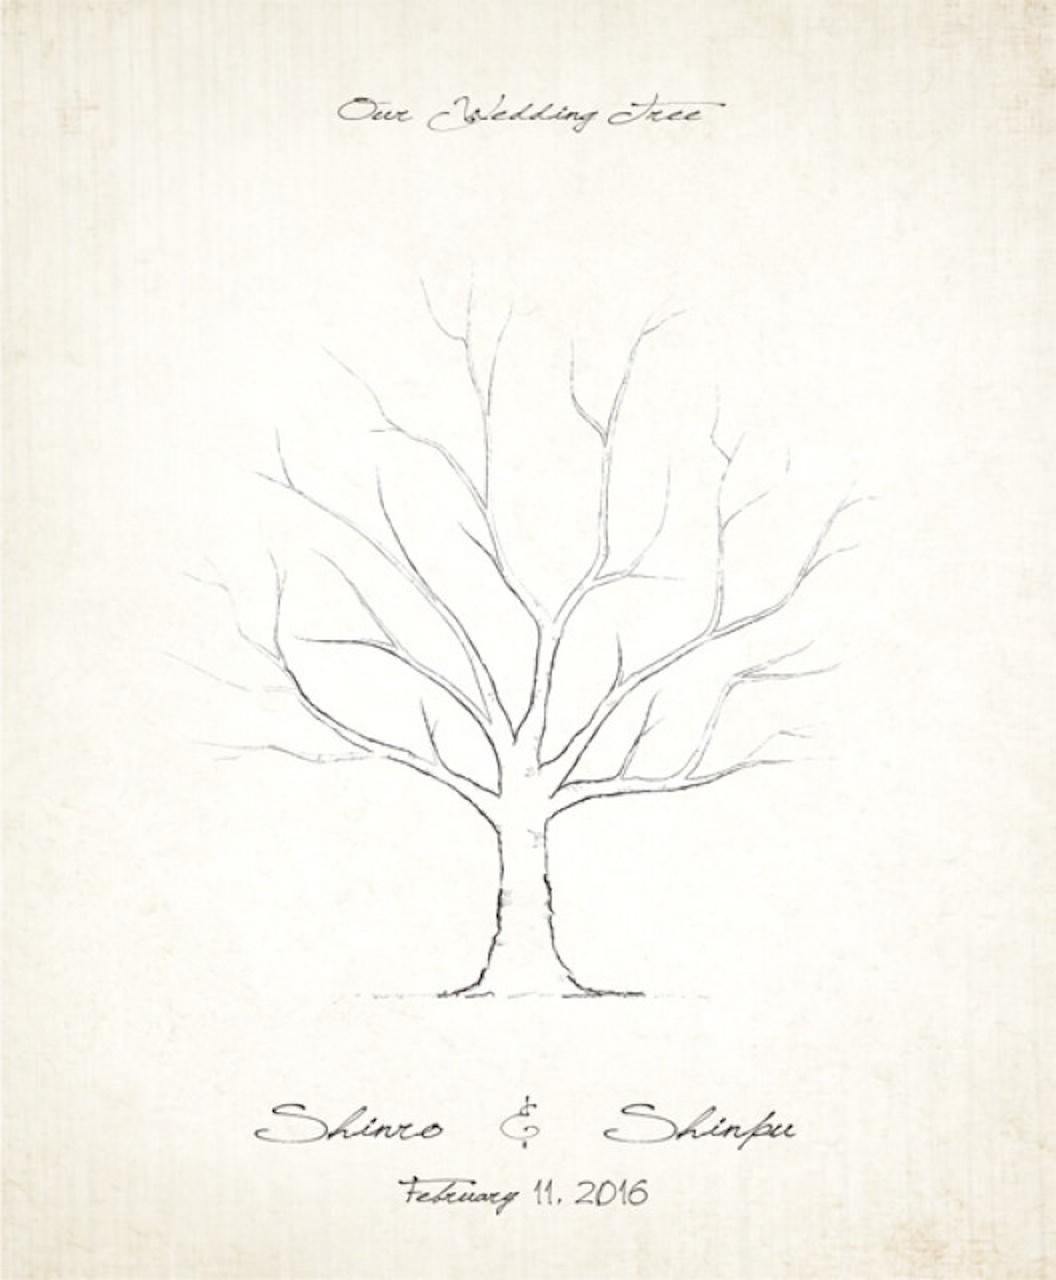 ウェディングツリーのイラスト